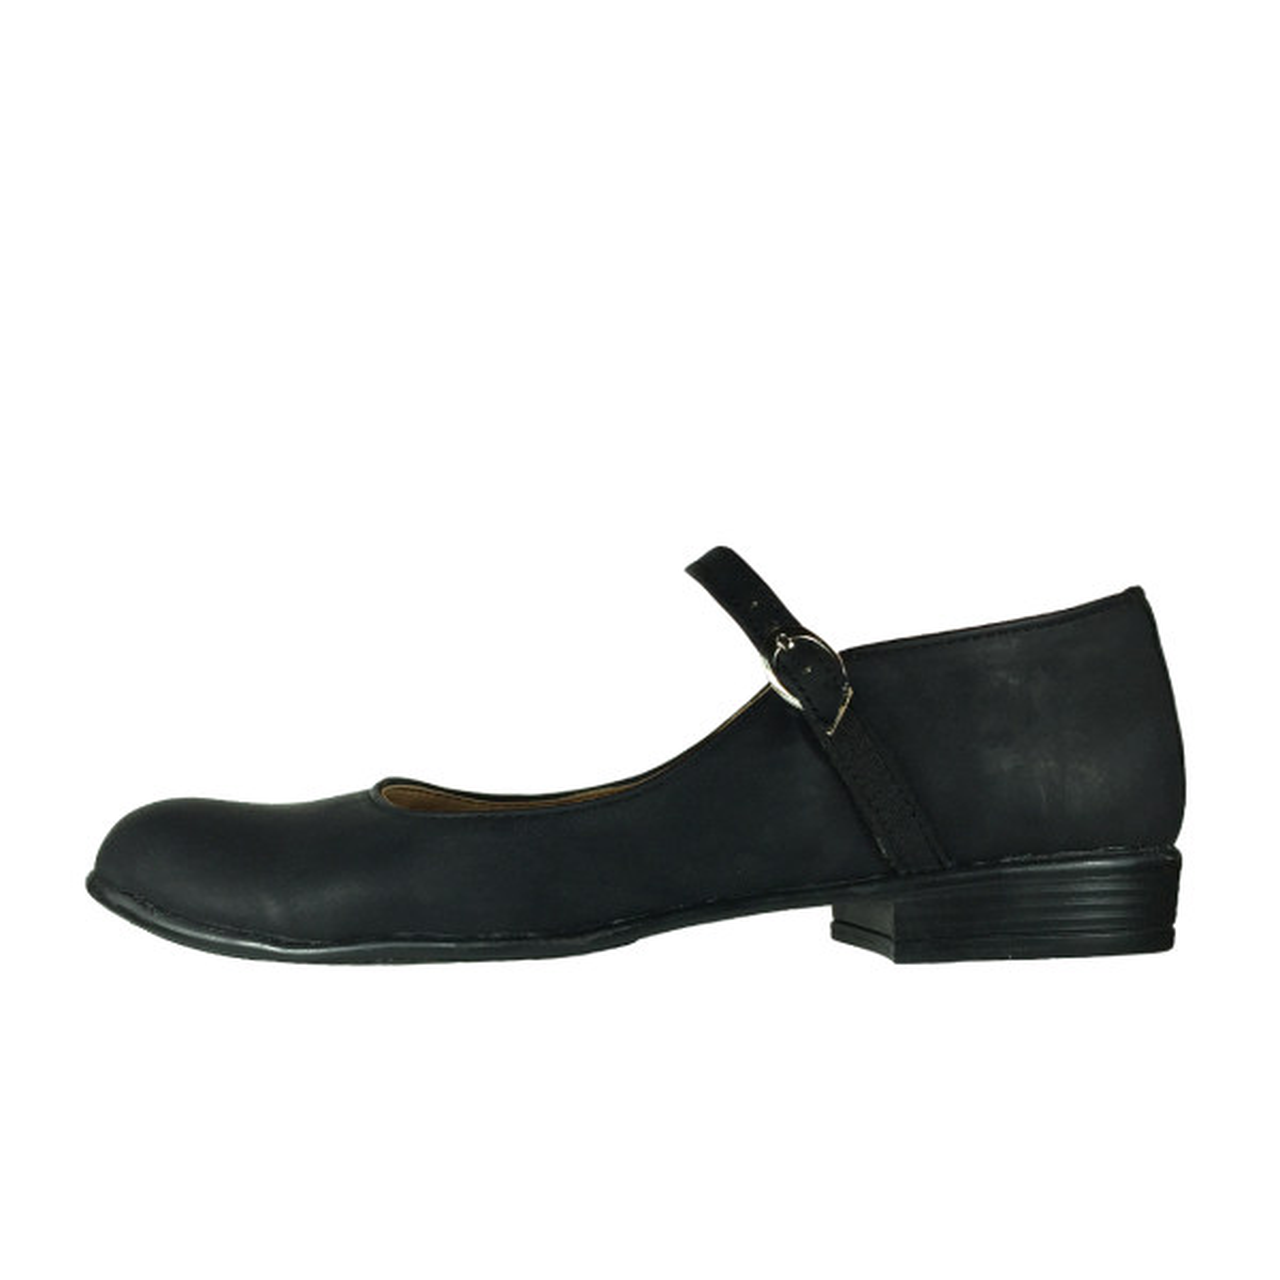 کفش زنانه پاریس جامه مدل B497